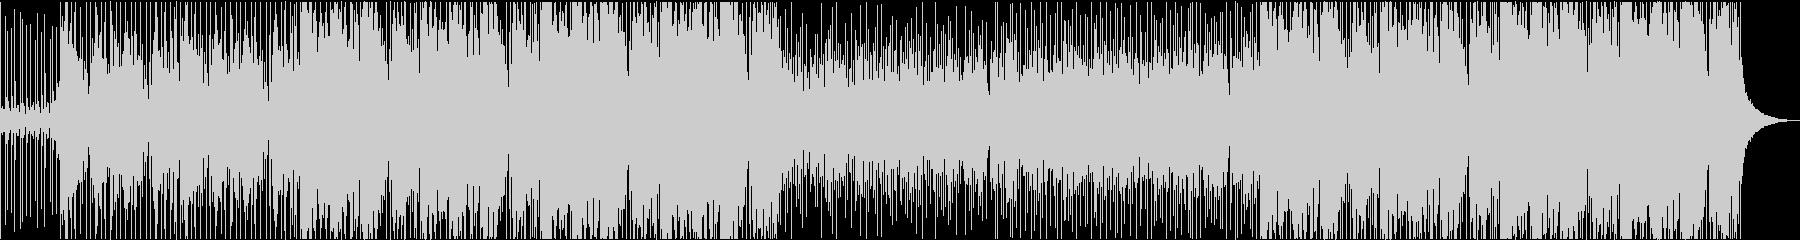 オリエンタルバックグラウンドトラックの未再生の波形